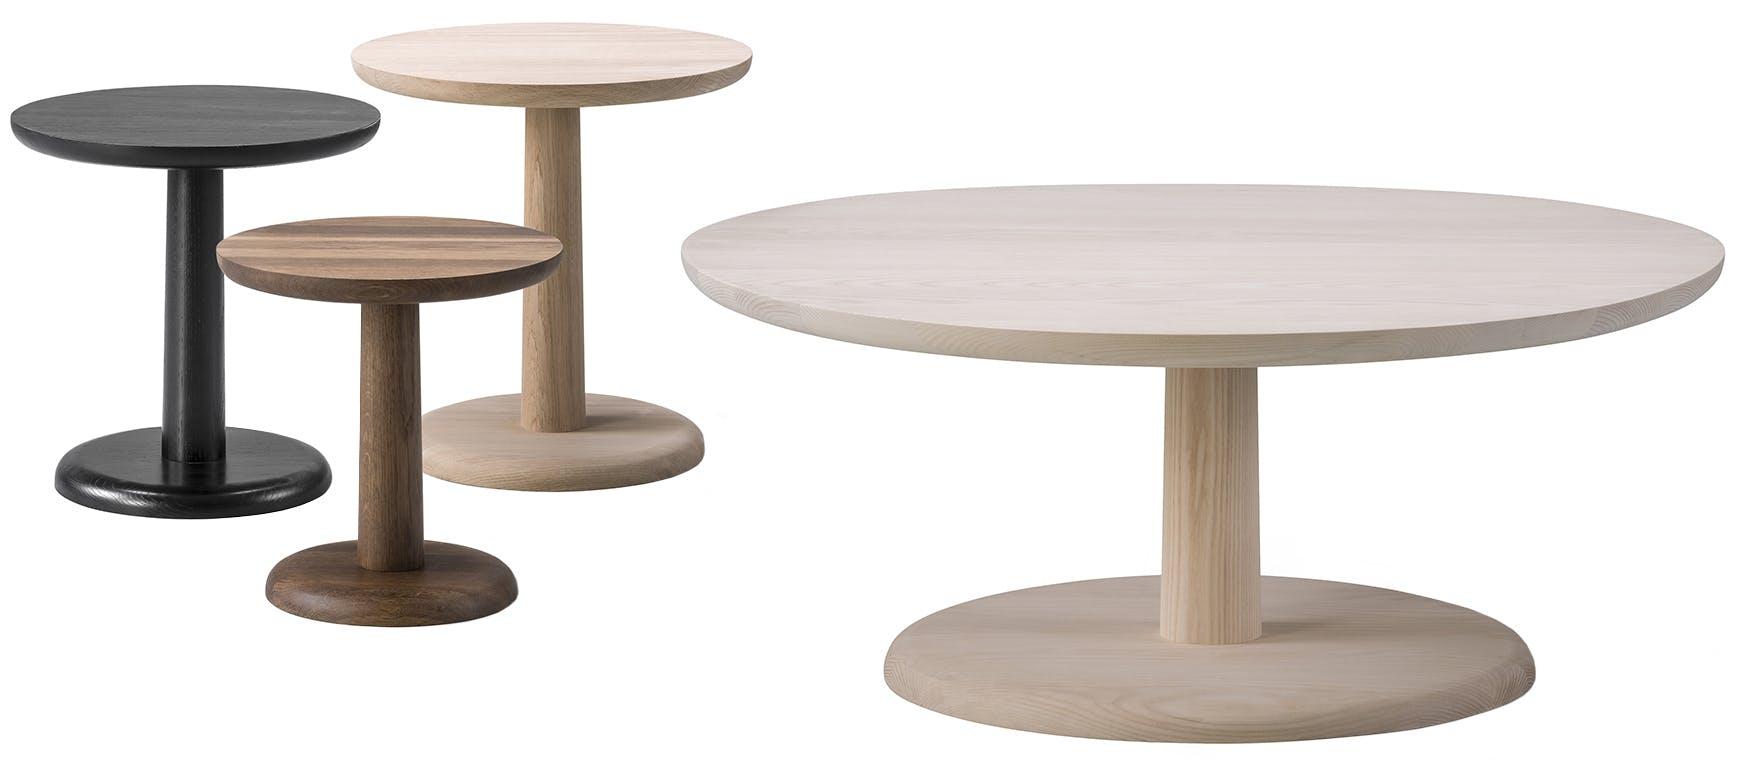 Pon Tables Thumbnail